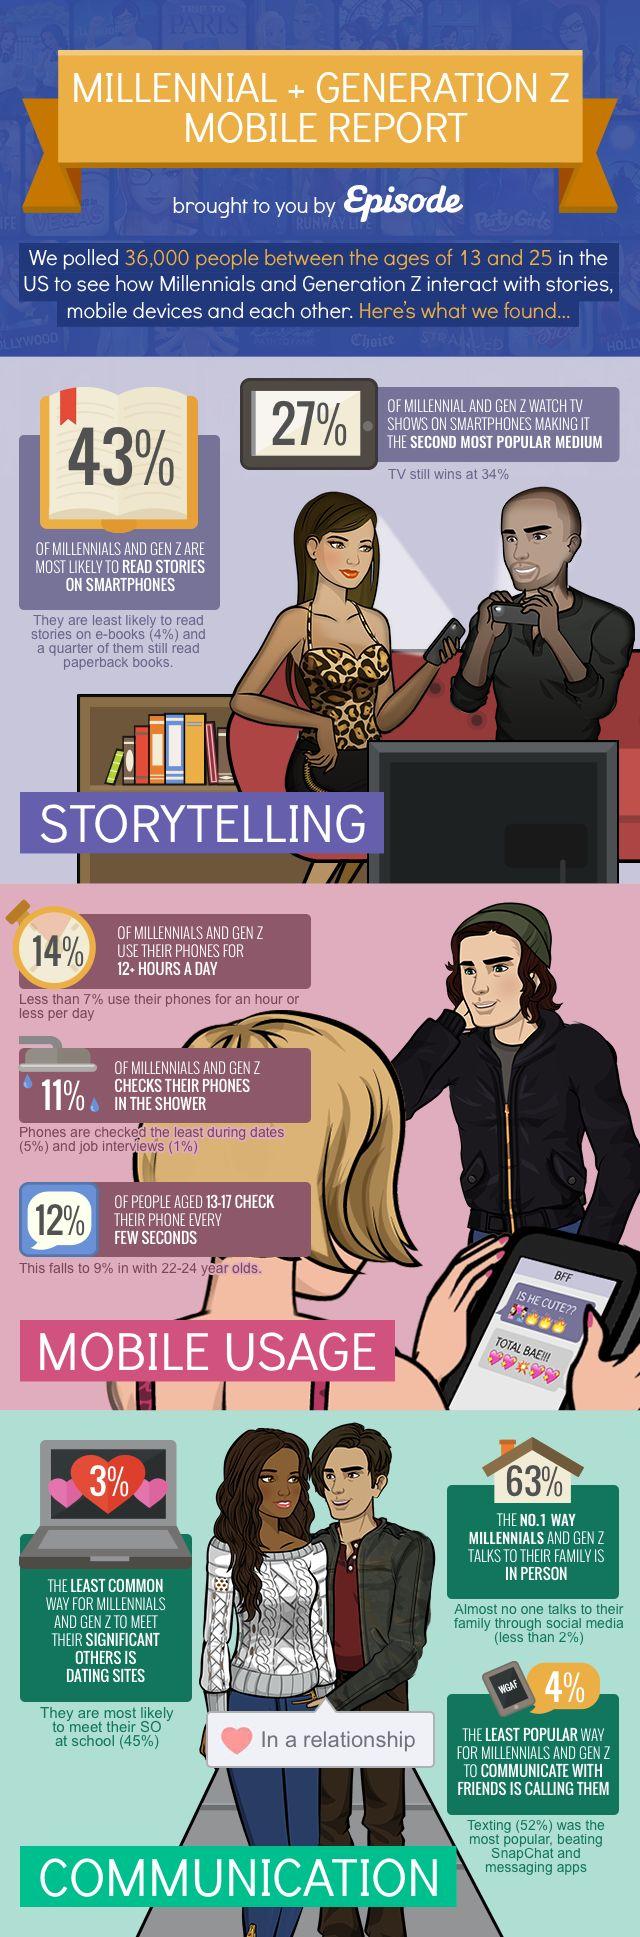 Pocket Gems, maker van mobiele games, is nagegaan op welke wijze millennials en Generatie Z mobiel hanteren. Niet minder dan 36.000 Amerikaanse jongeren werden ondervraagd. Een paar interessante statistieken: 43 procent van deze categorie leest boeken en verhalen op smartphones.